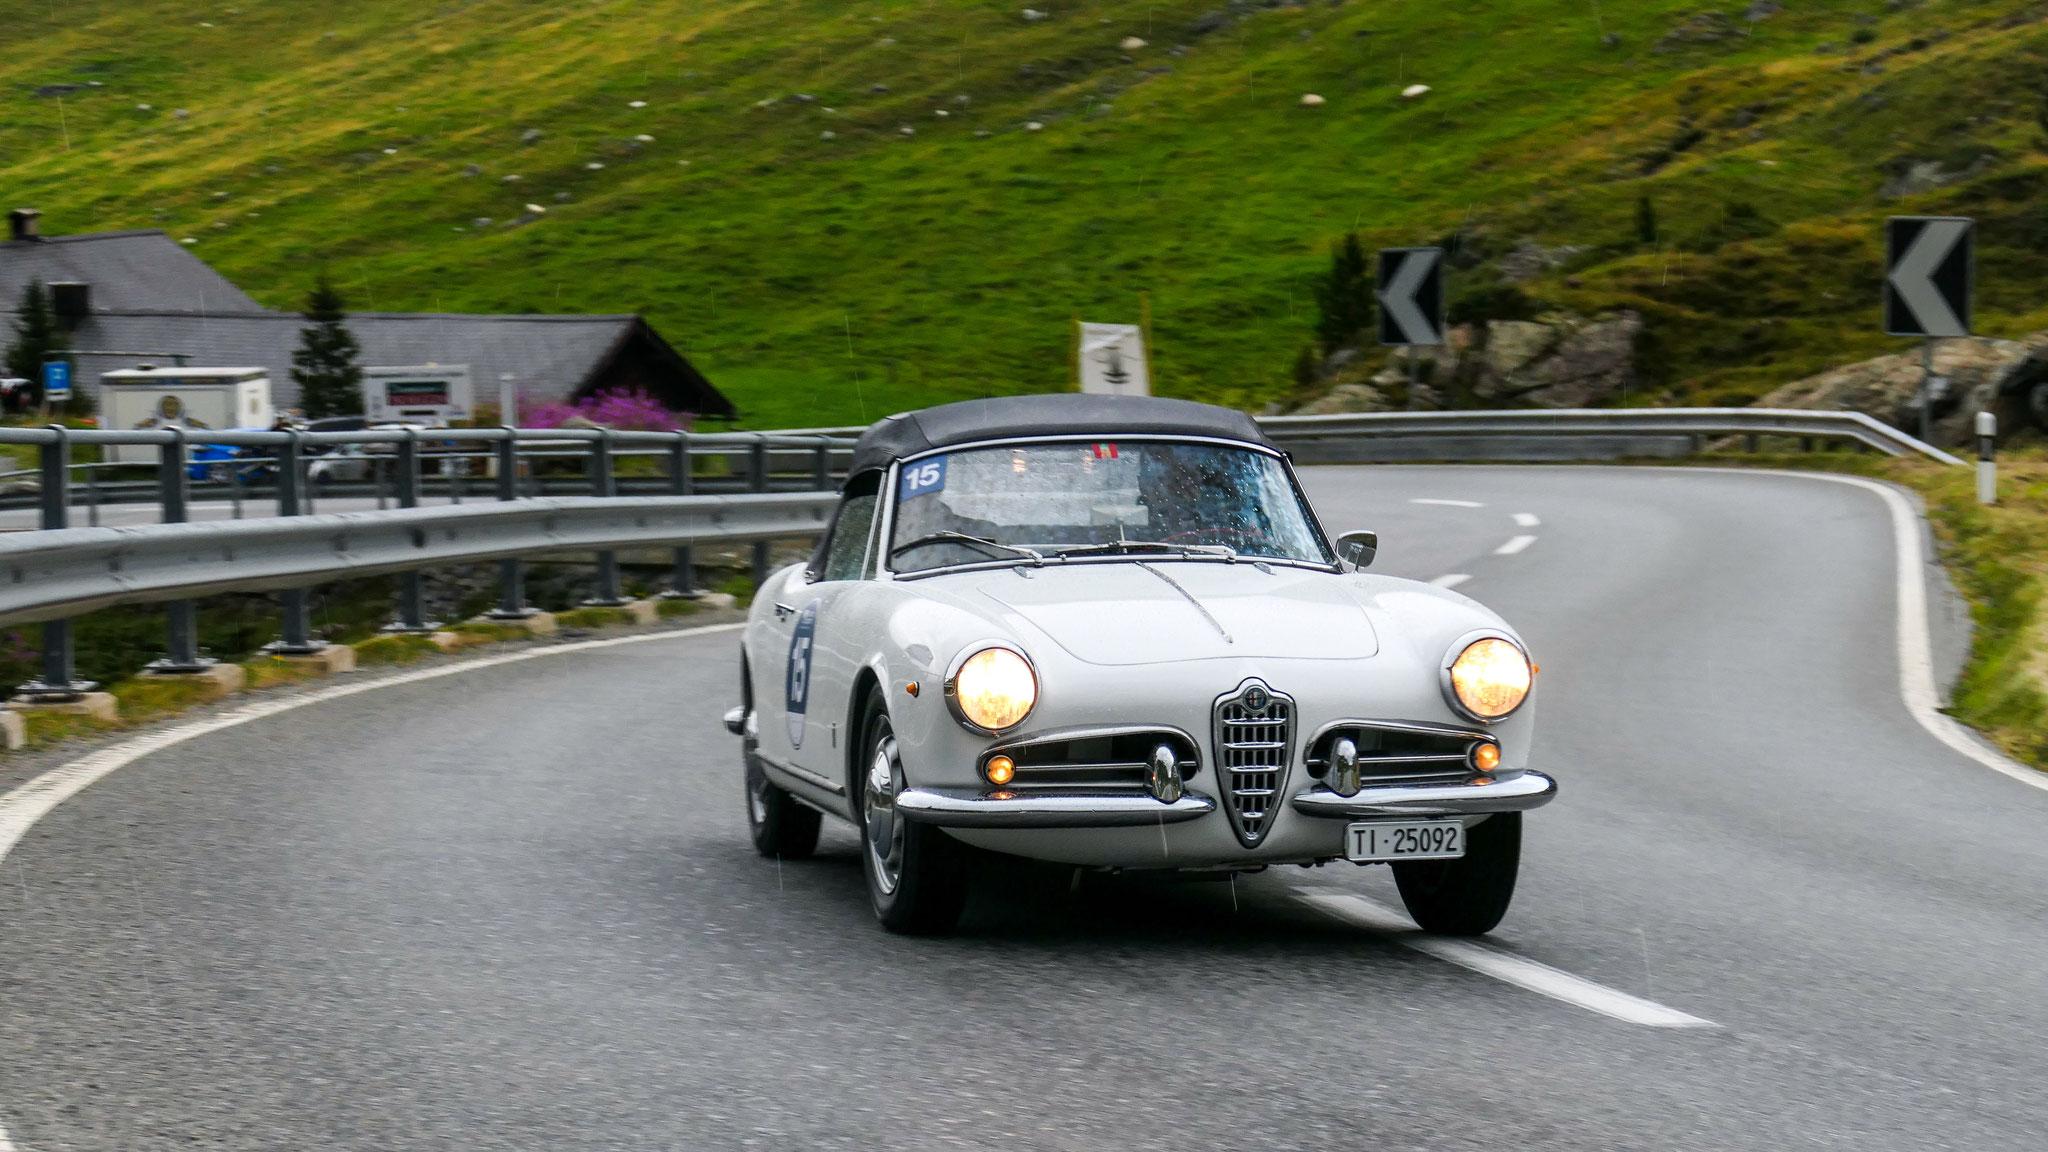 Alfa Romeo Giulia Spider - TI-25092 (CH)